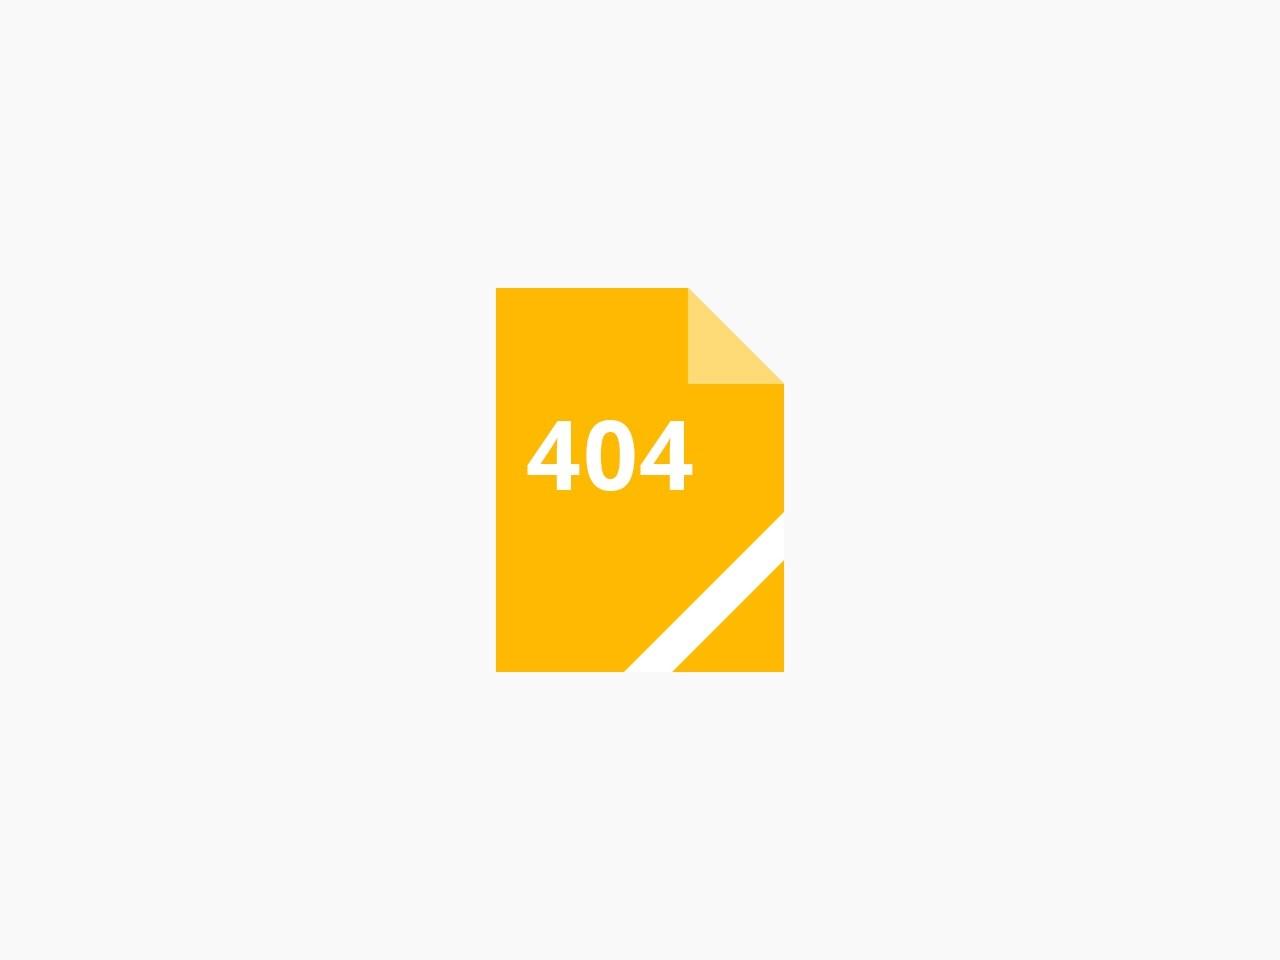 江西国福资源科技股份有限公司